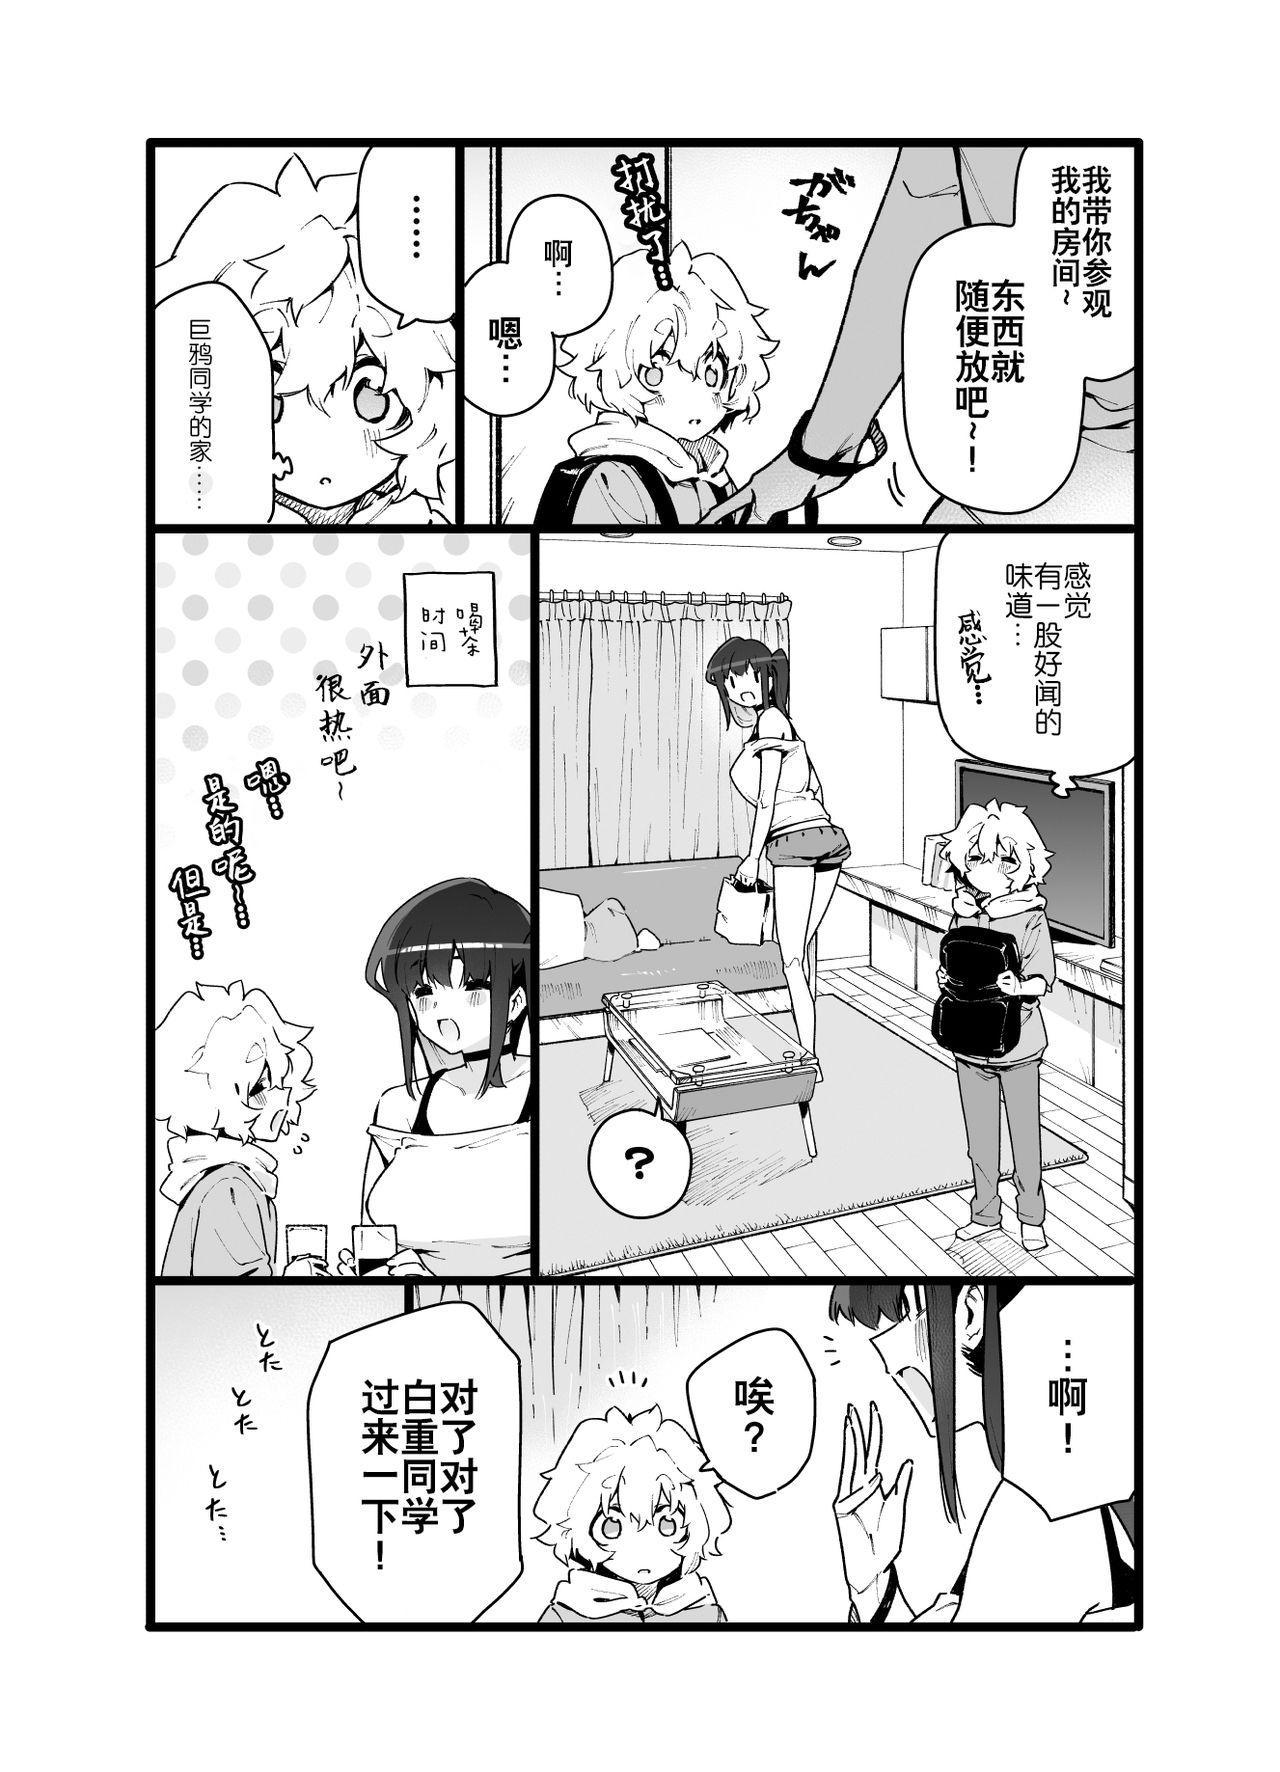 Classmate no Joshi Inma ni Renkyuuchuu no Otomarikai de Osowarechau Danshi no Hanashi 10